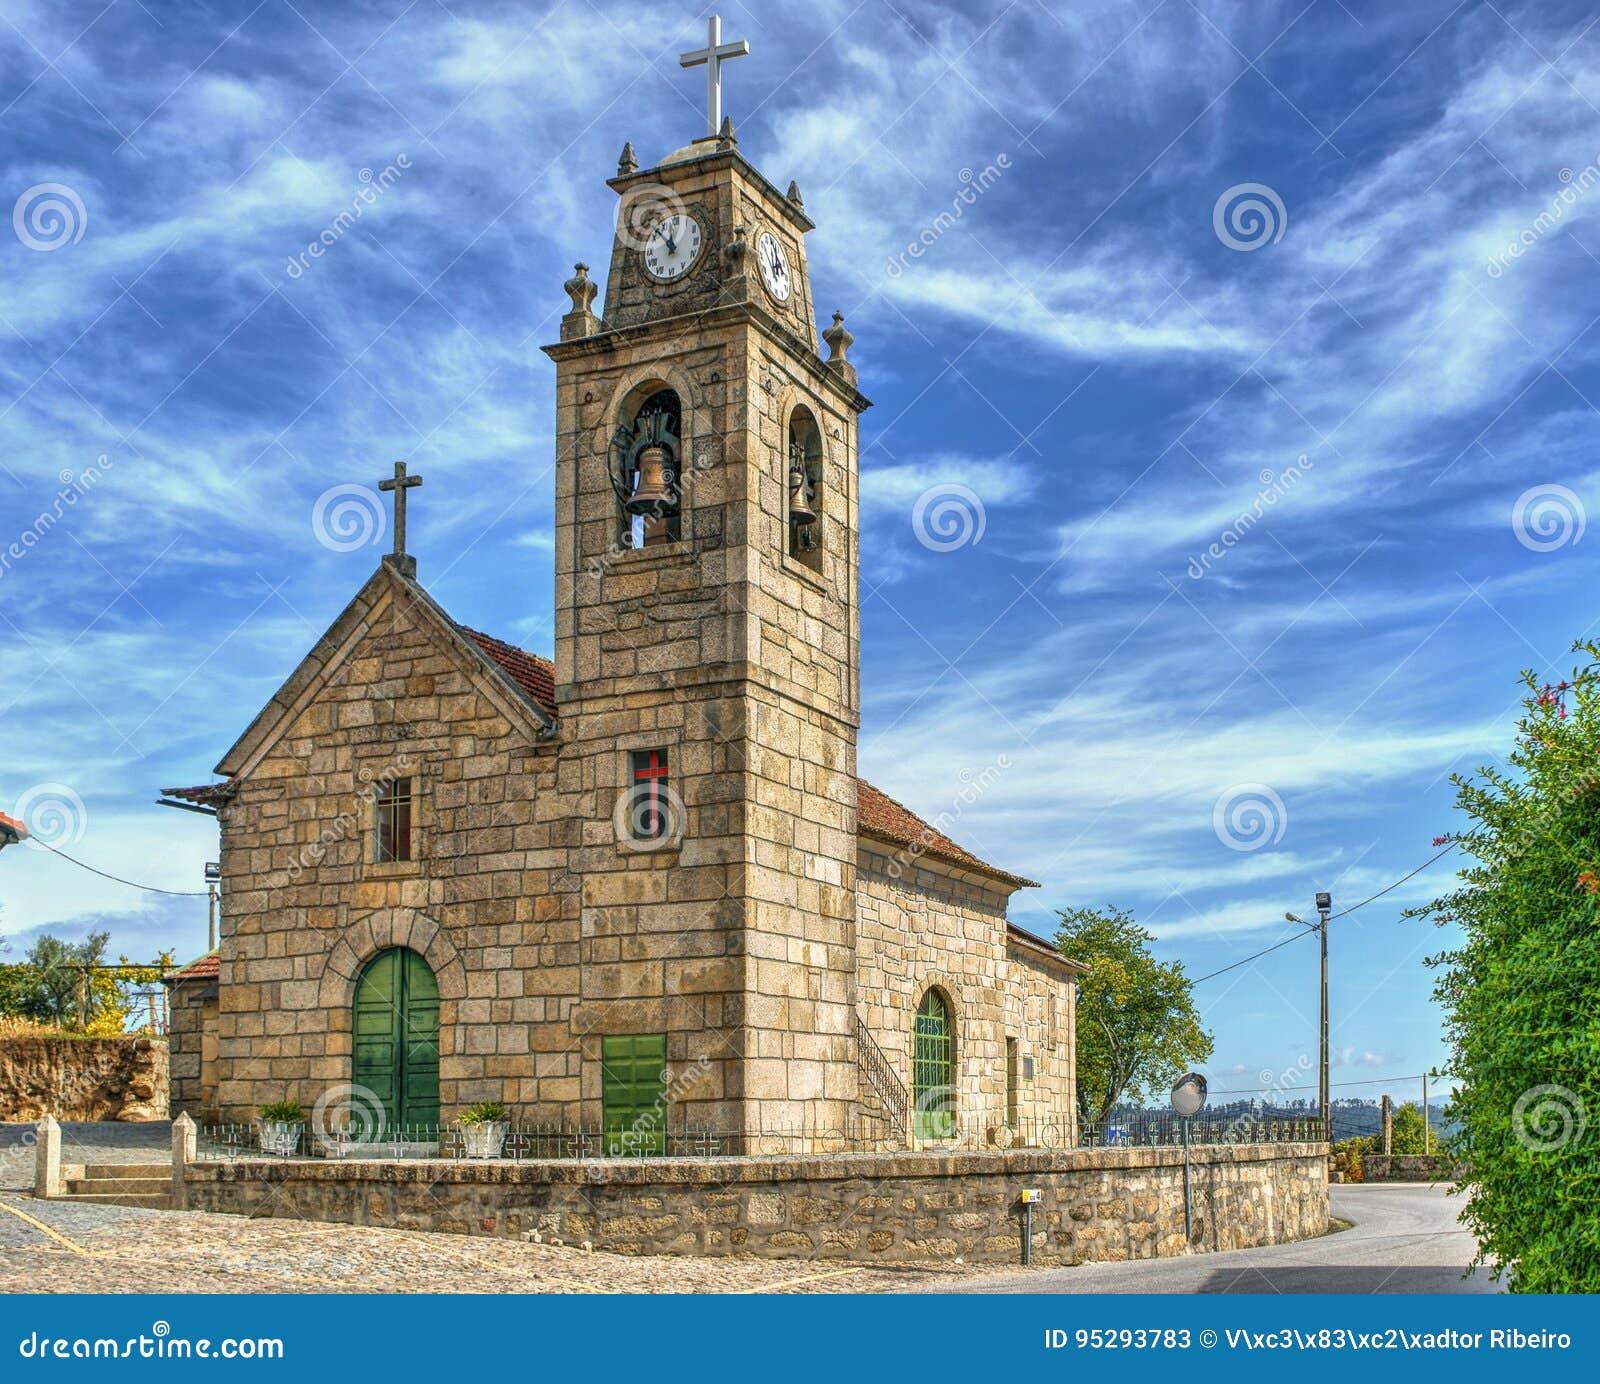 Luzim church in Penafiel